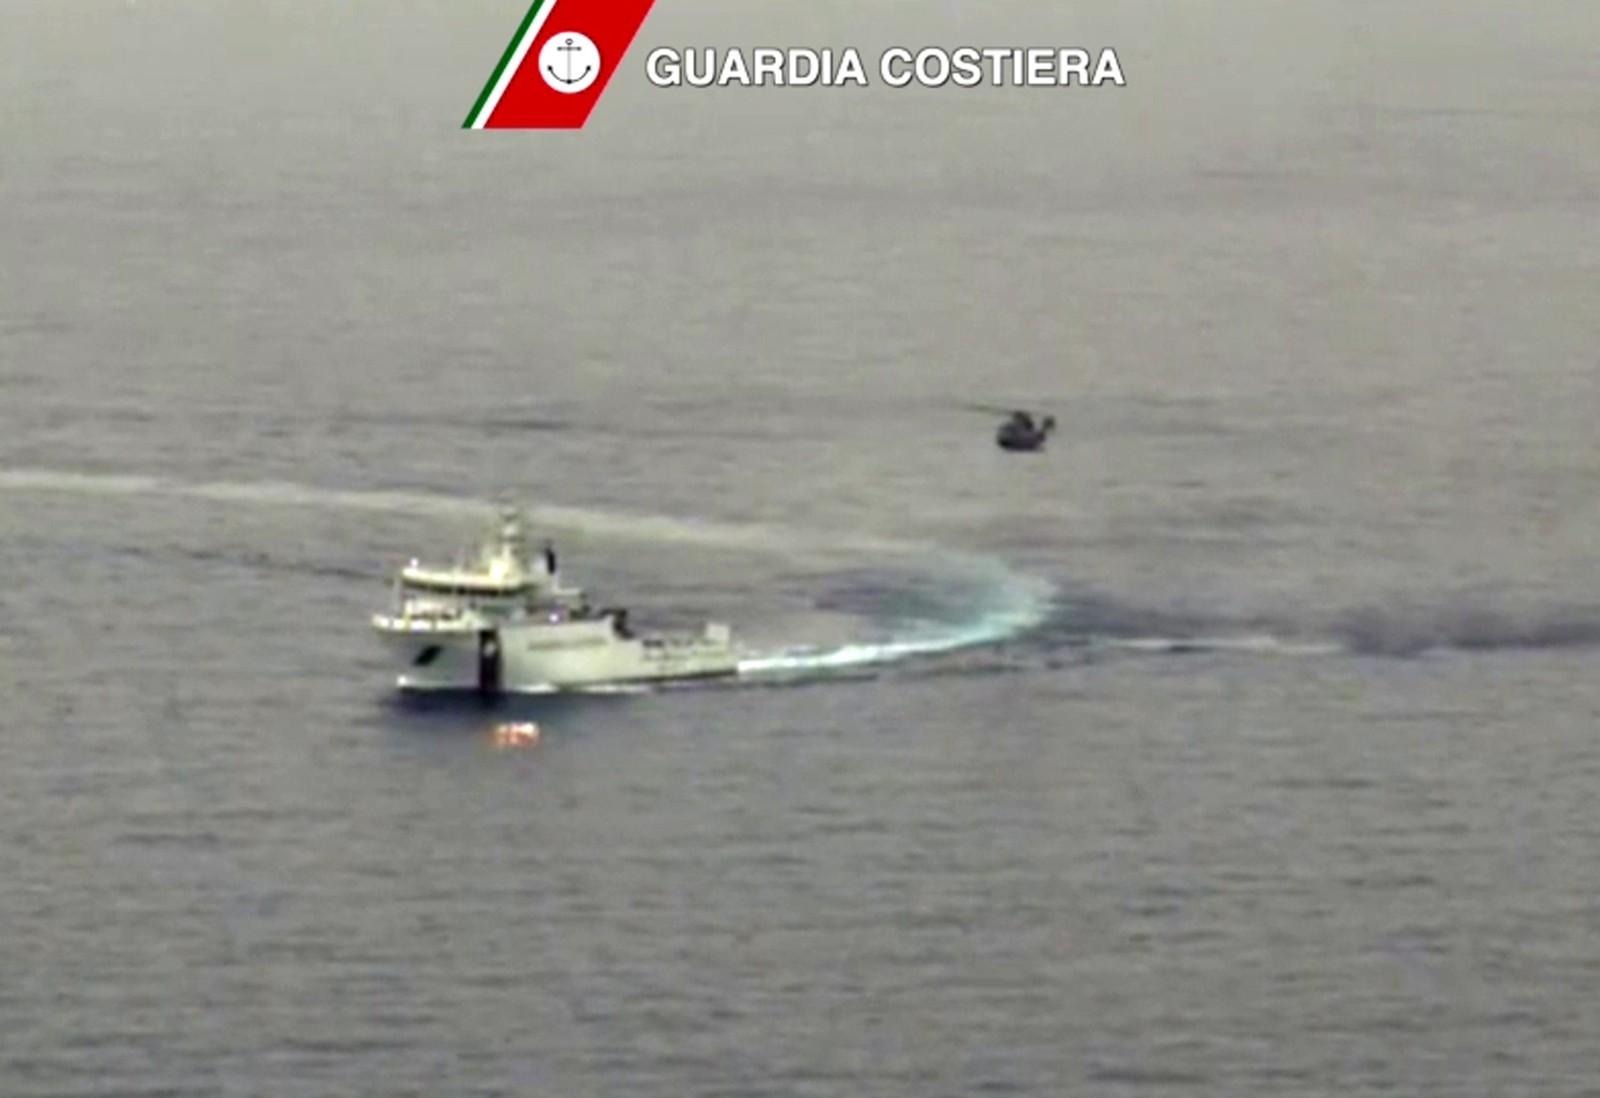 Den italienske kystvakten leter etter omkomne fra fiskebåten som kantret og sank mellom Libya og den italienske øy Lampedusa.